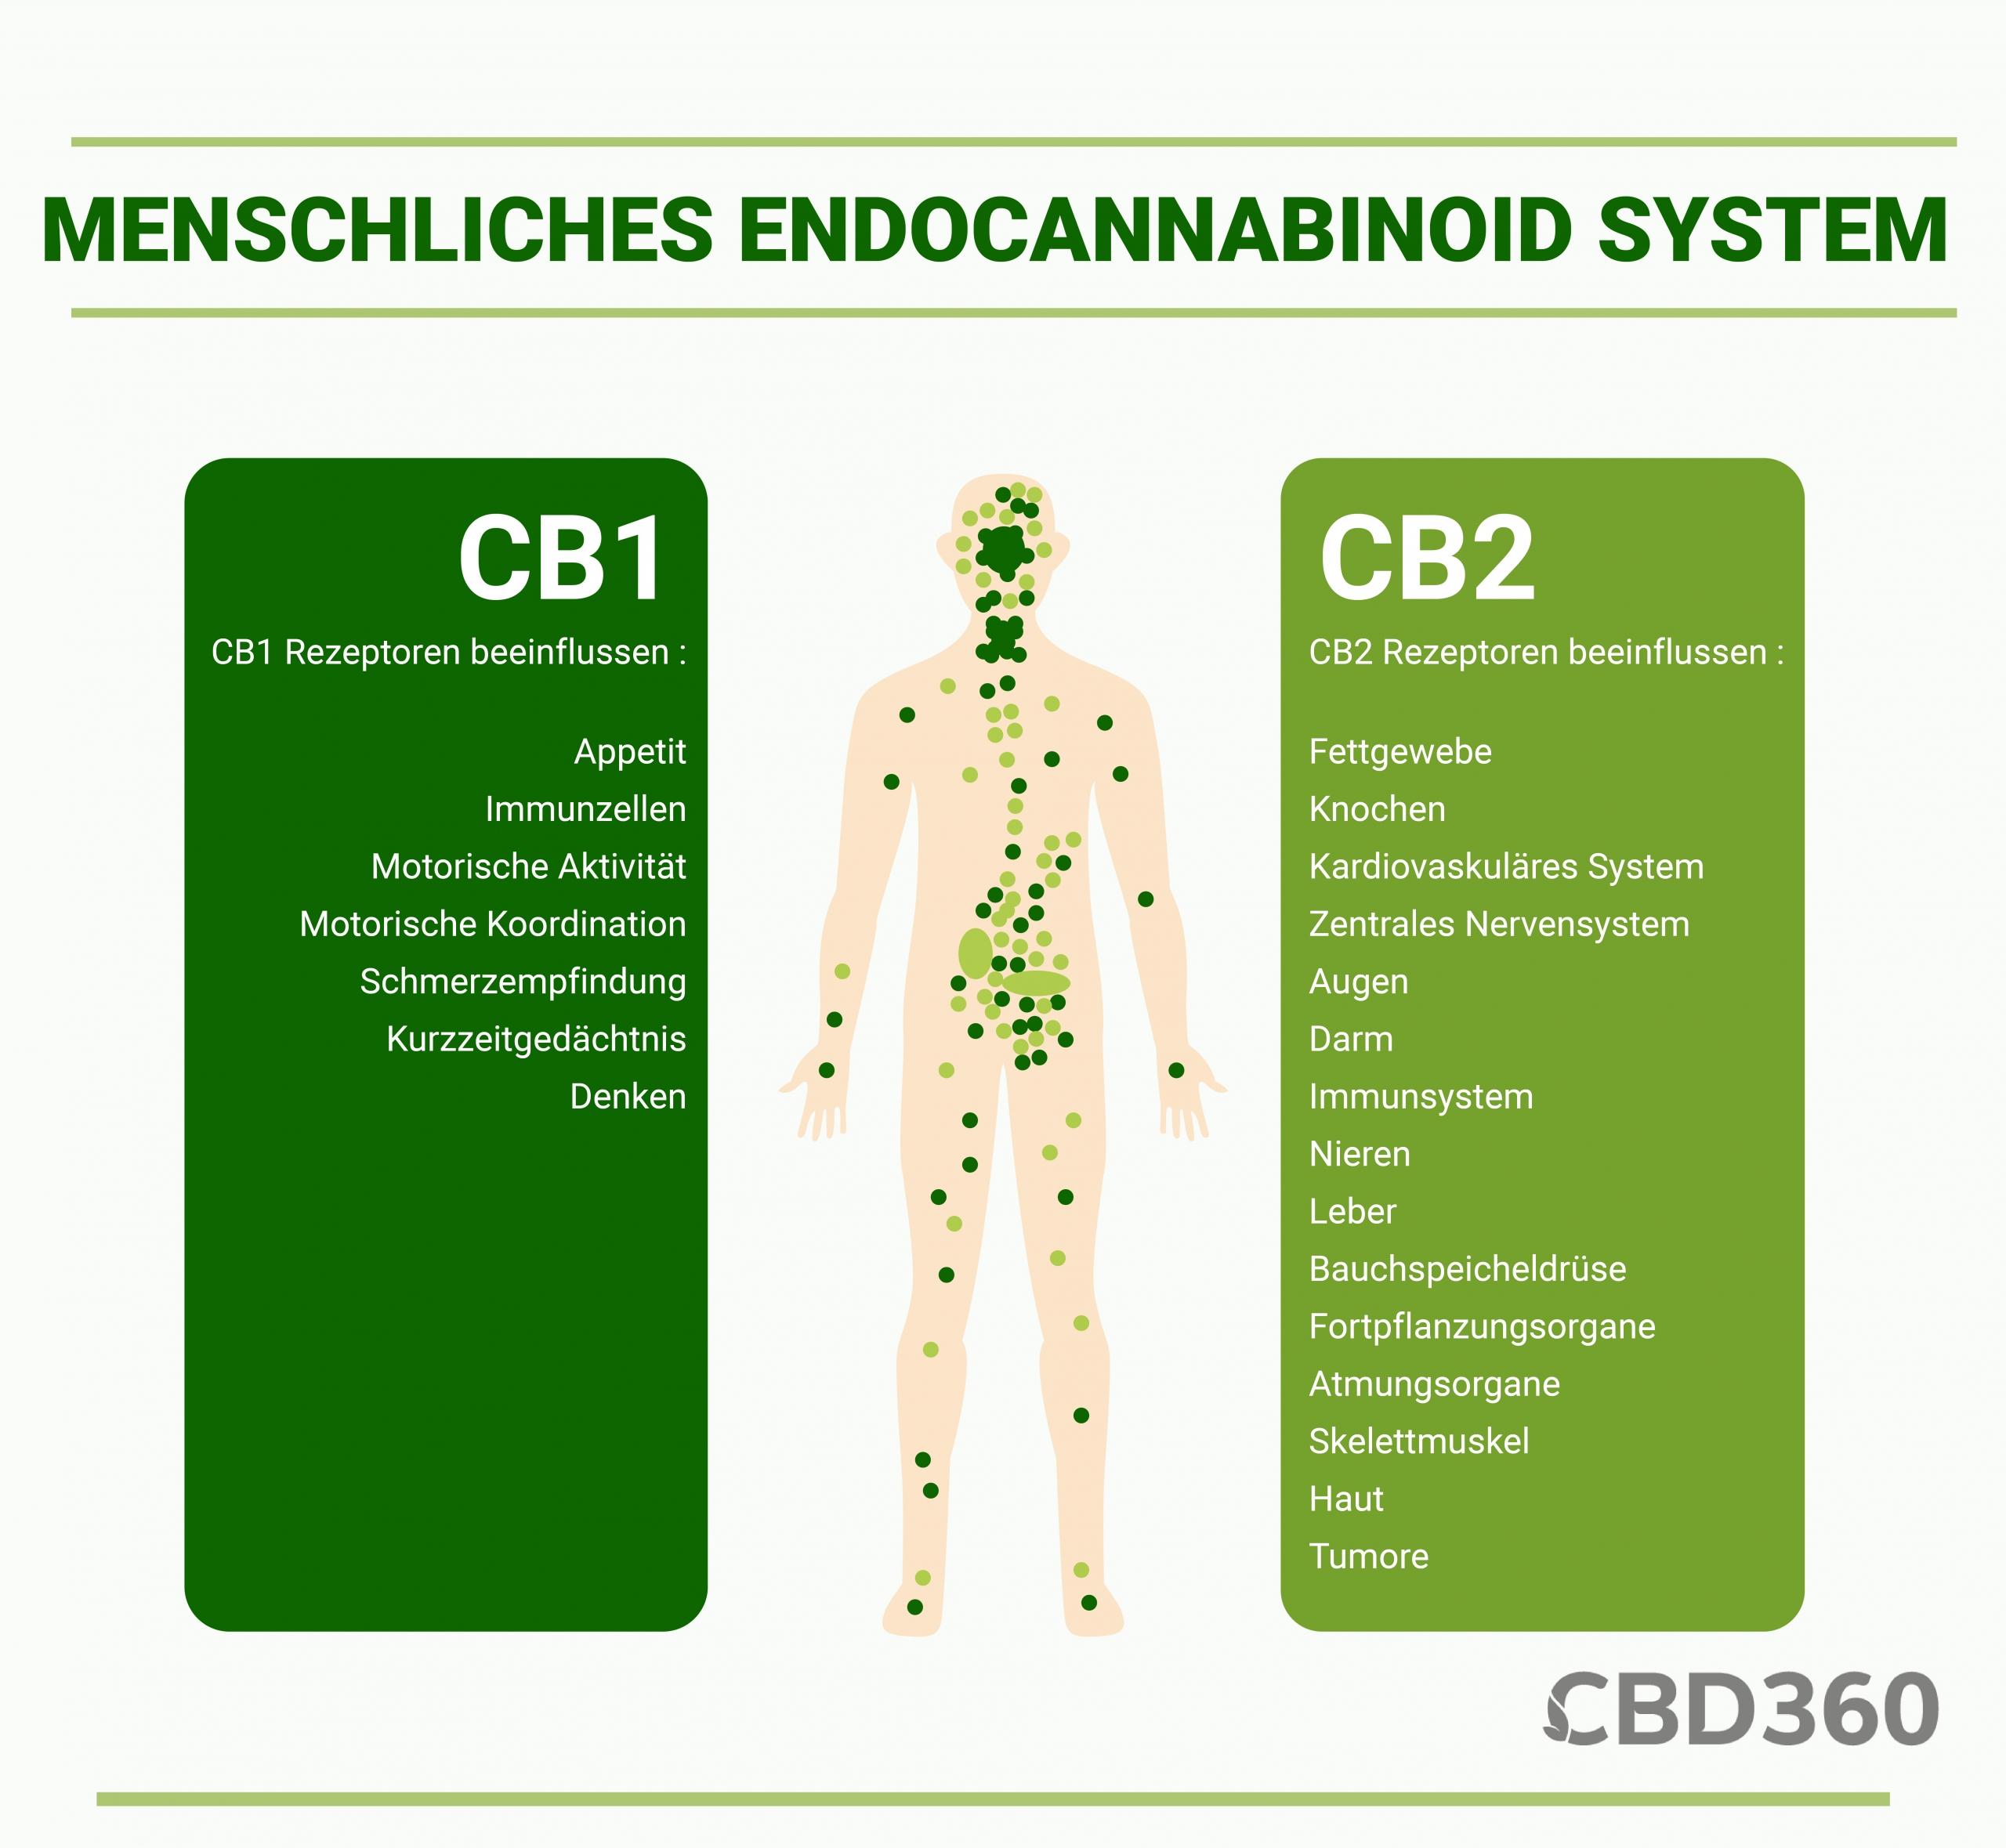 Menschliches Endocannabinoid System